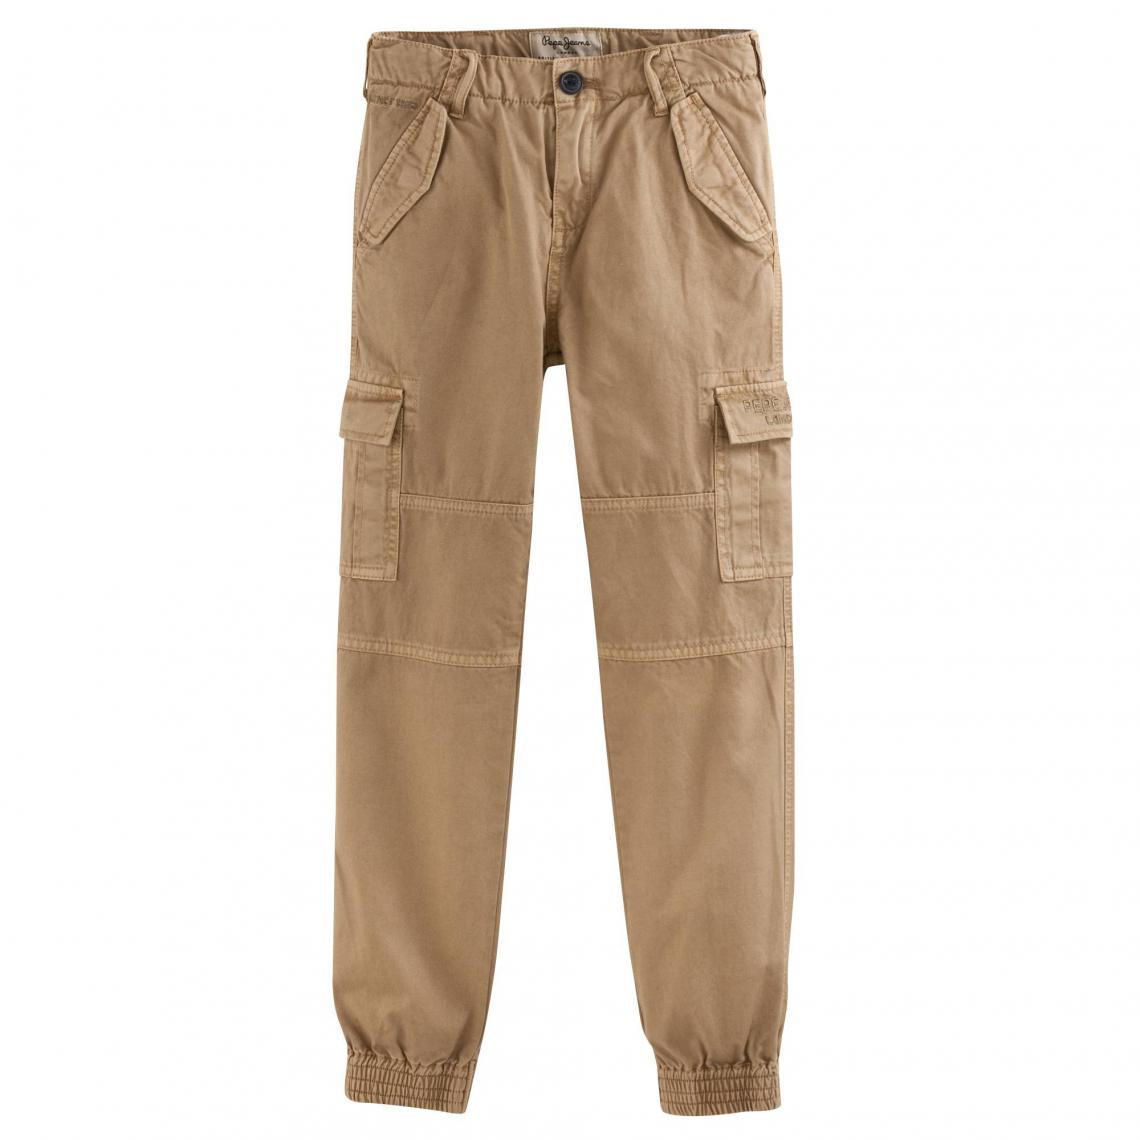 Royaume-Uni disponibilité 2ce5f 5e9ef Pantalon battle garçon Pepe Jeans - Beige